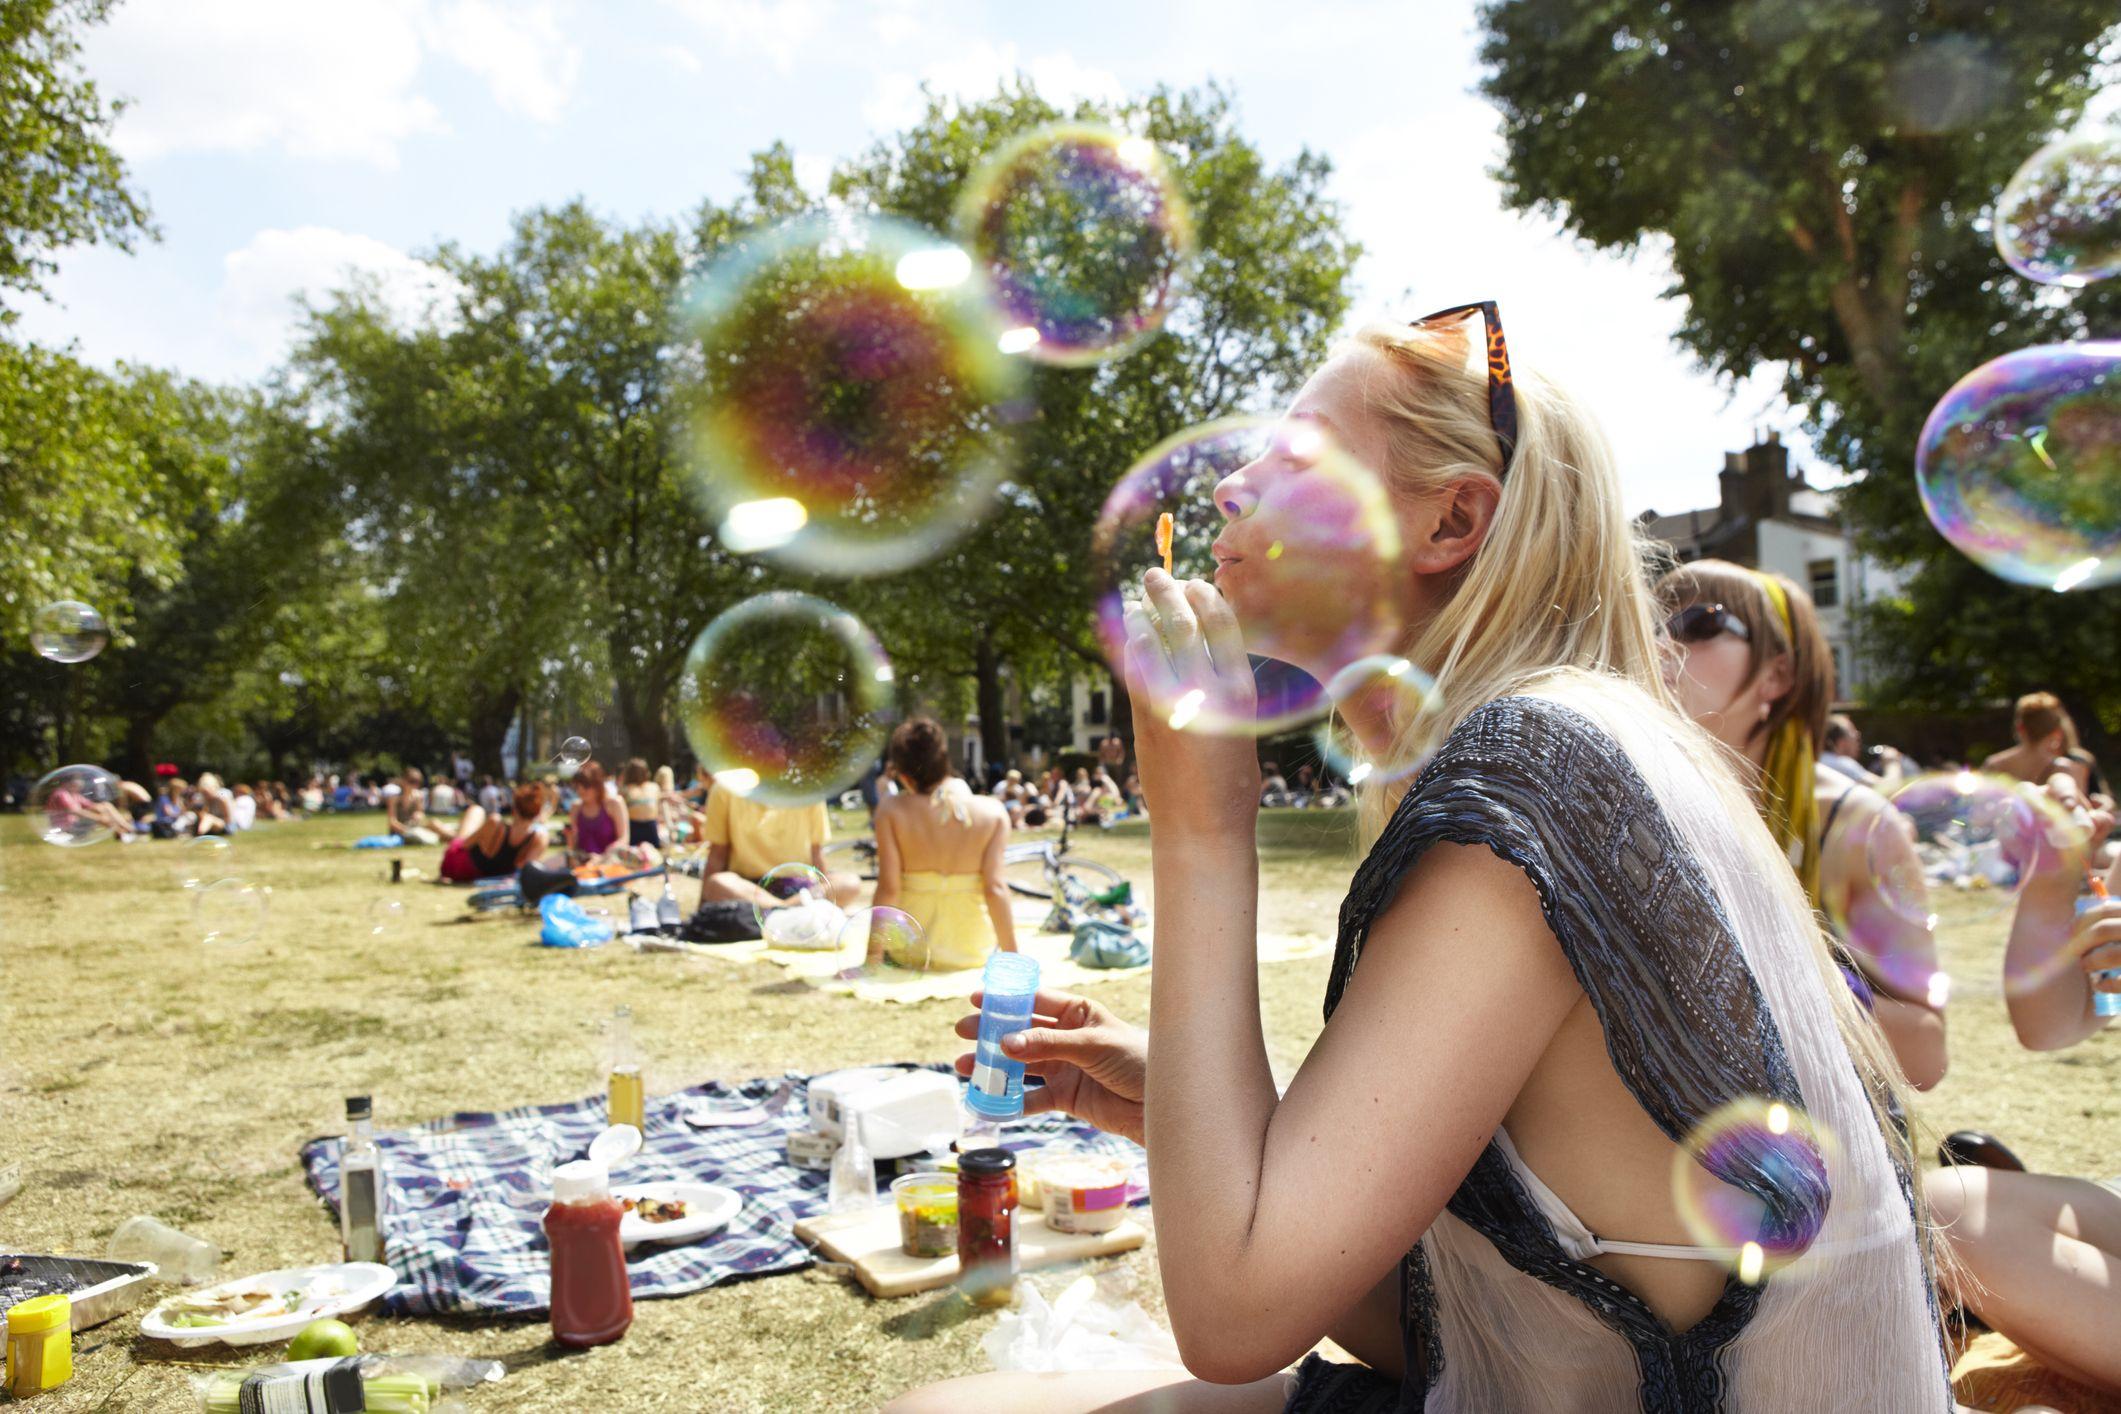 Un weekend di fine estate a Londra a costo zero? Sì, grazie!